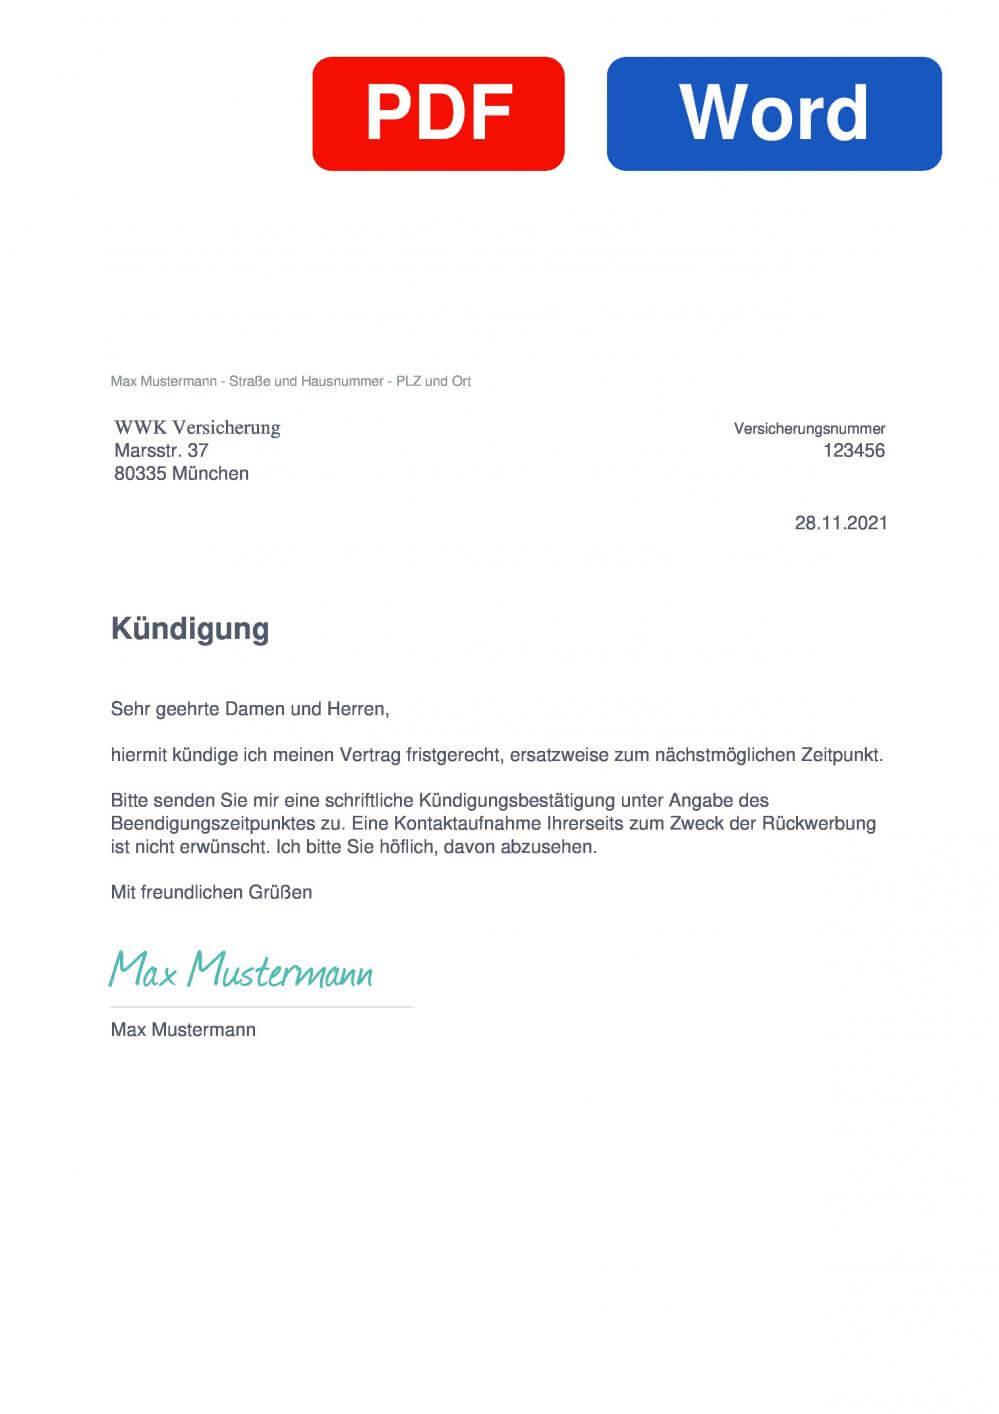 WWK KFZ Versicherung Muster Vorlage für Kündigungsschreiben